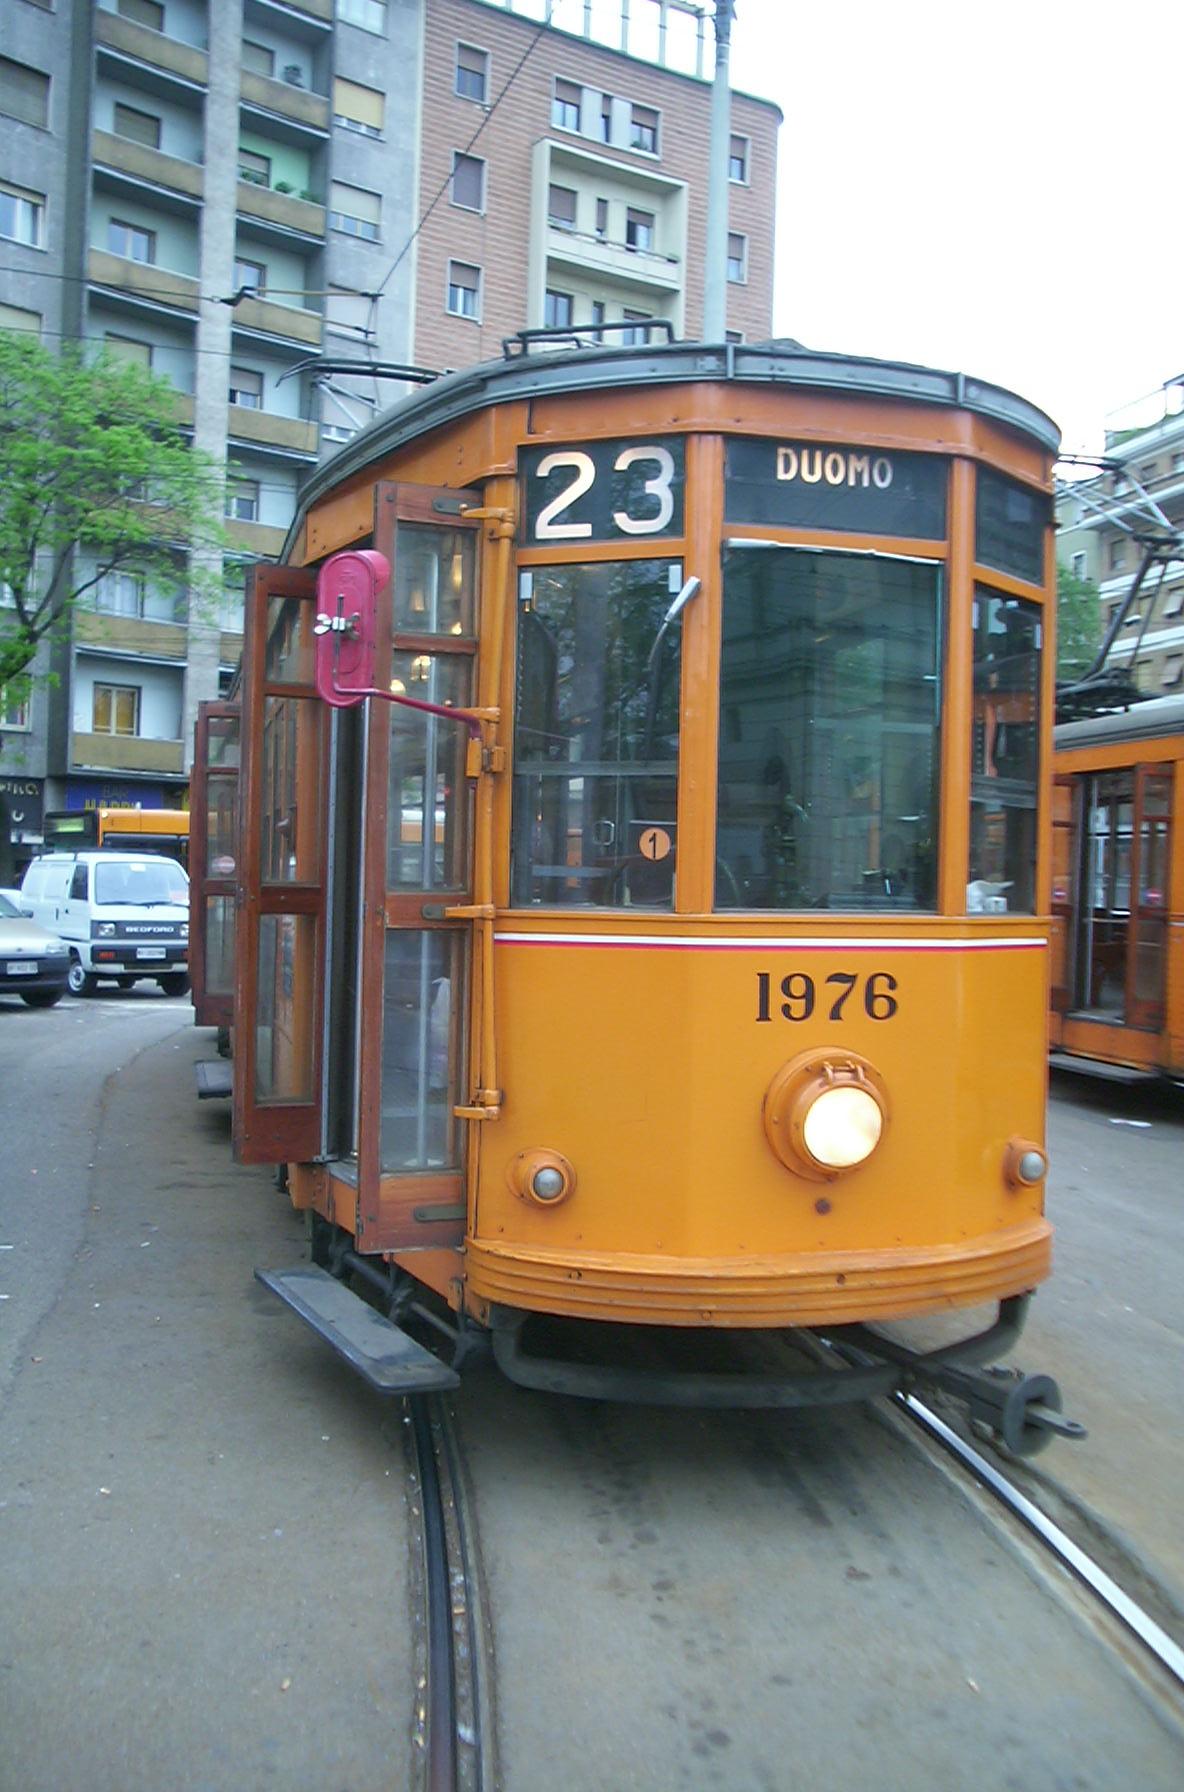 Tram and light rail transit systems - Wikipedia